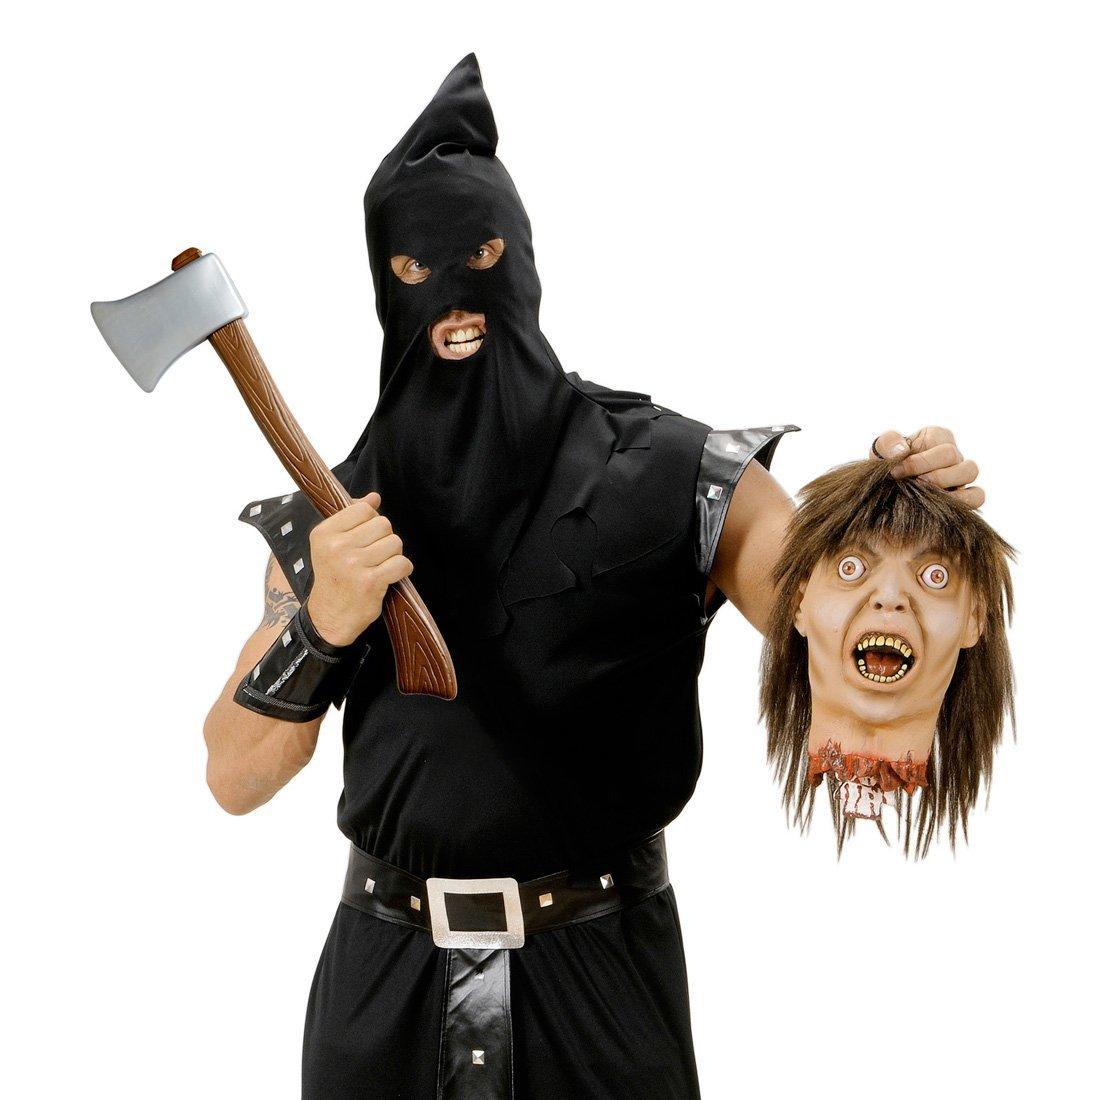 Halloween accetta ascia da guerra 60 cm assassino arma zombie scure arma di scena taglialegna splatter giocattolo - 60 cm NET TOYS